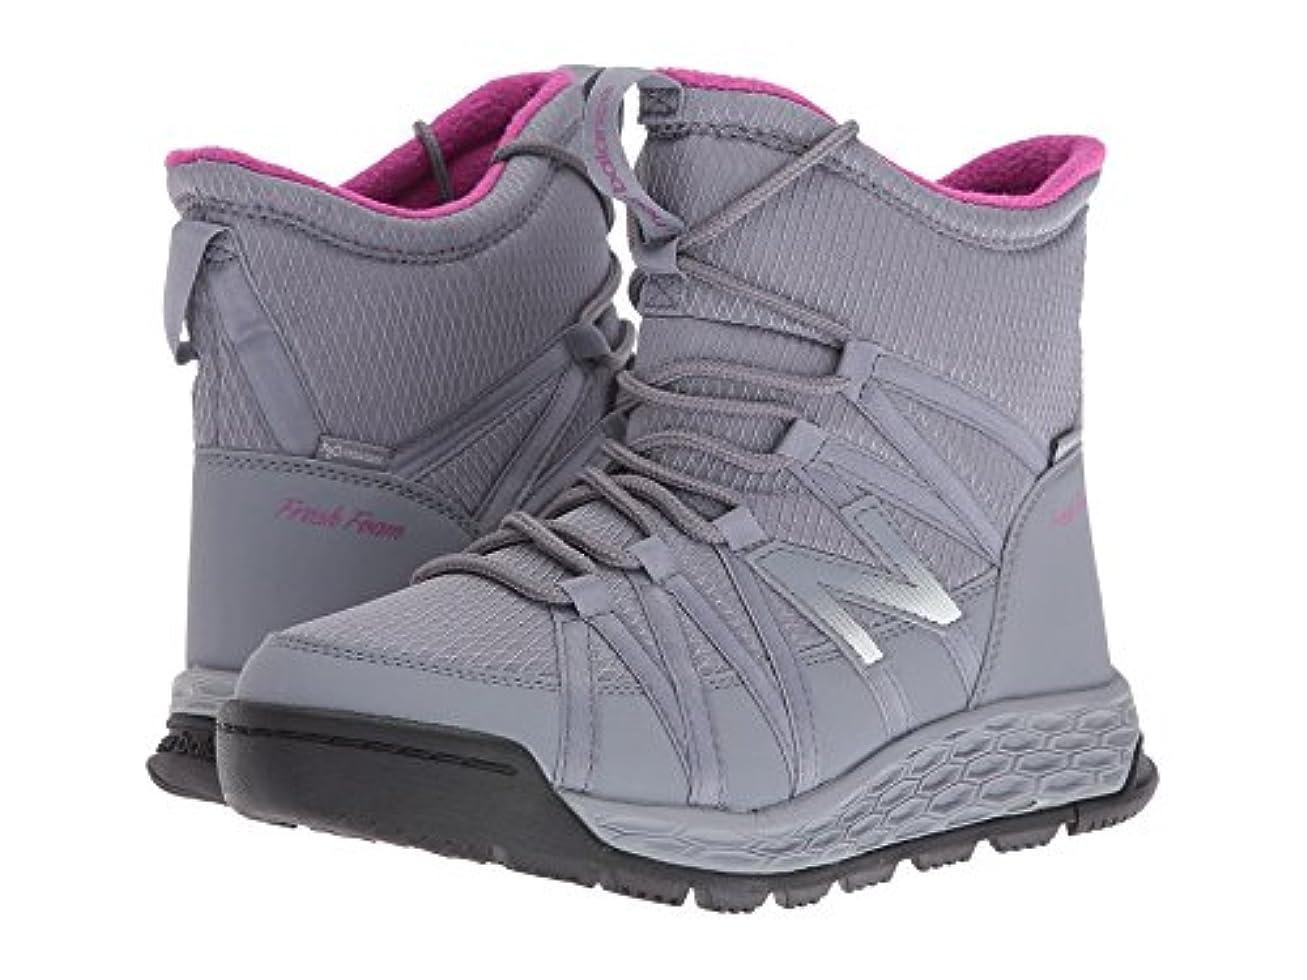 発動機周り交じる(ニューバランス) New Balance レディースブーツ?靴 BW2000v1 Grey/Grey 6 (23cm) B - Medium